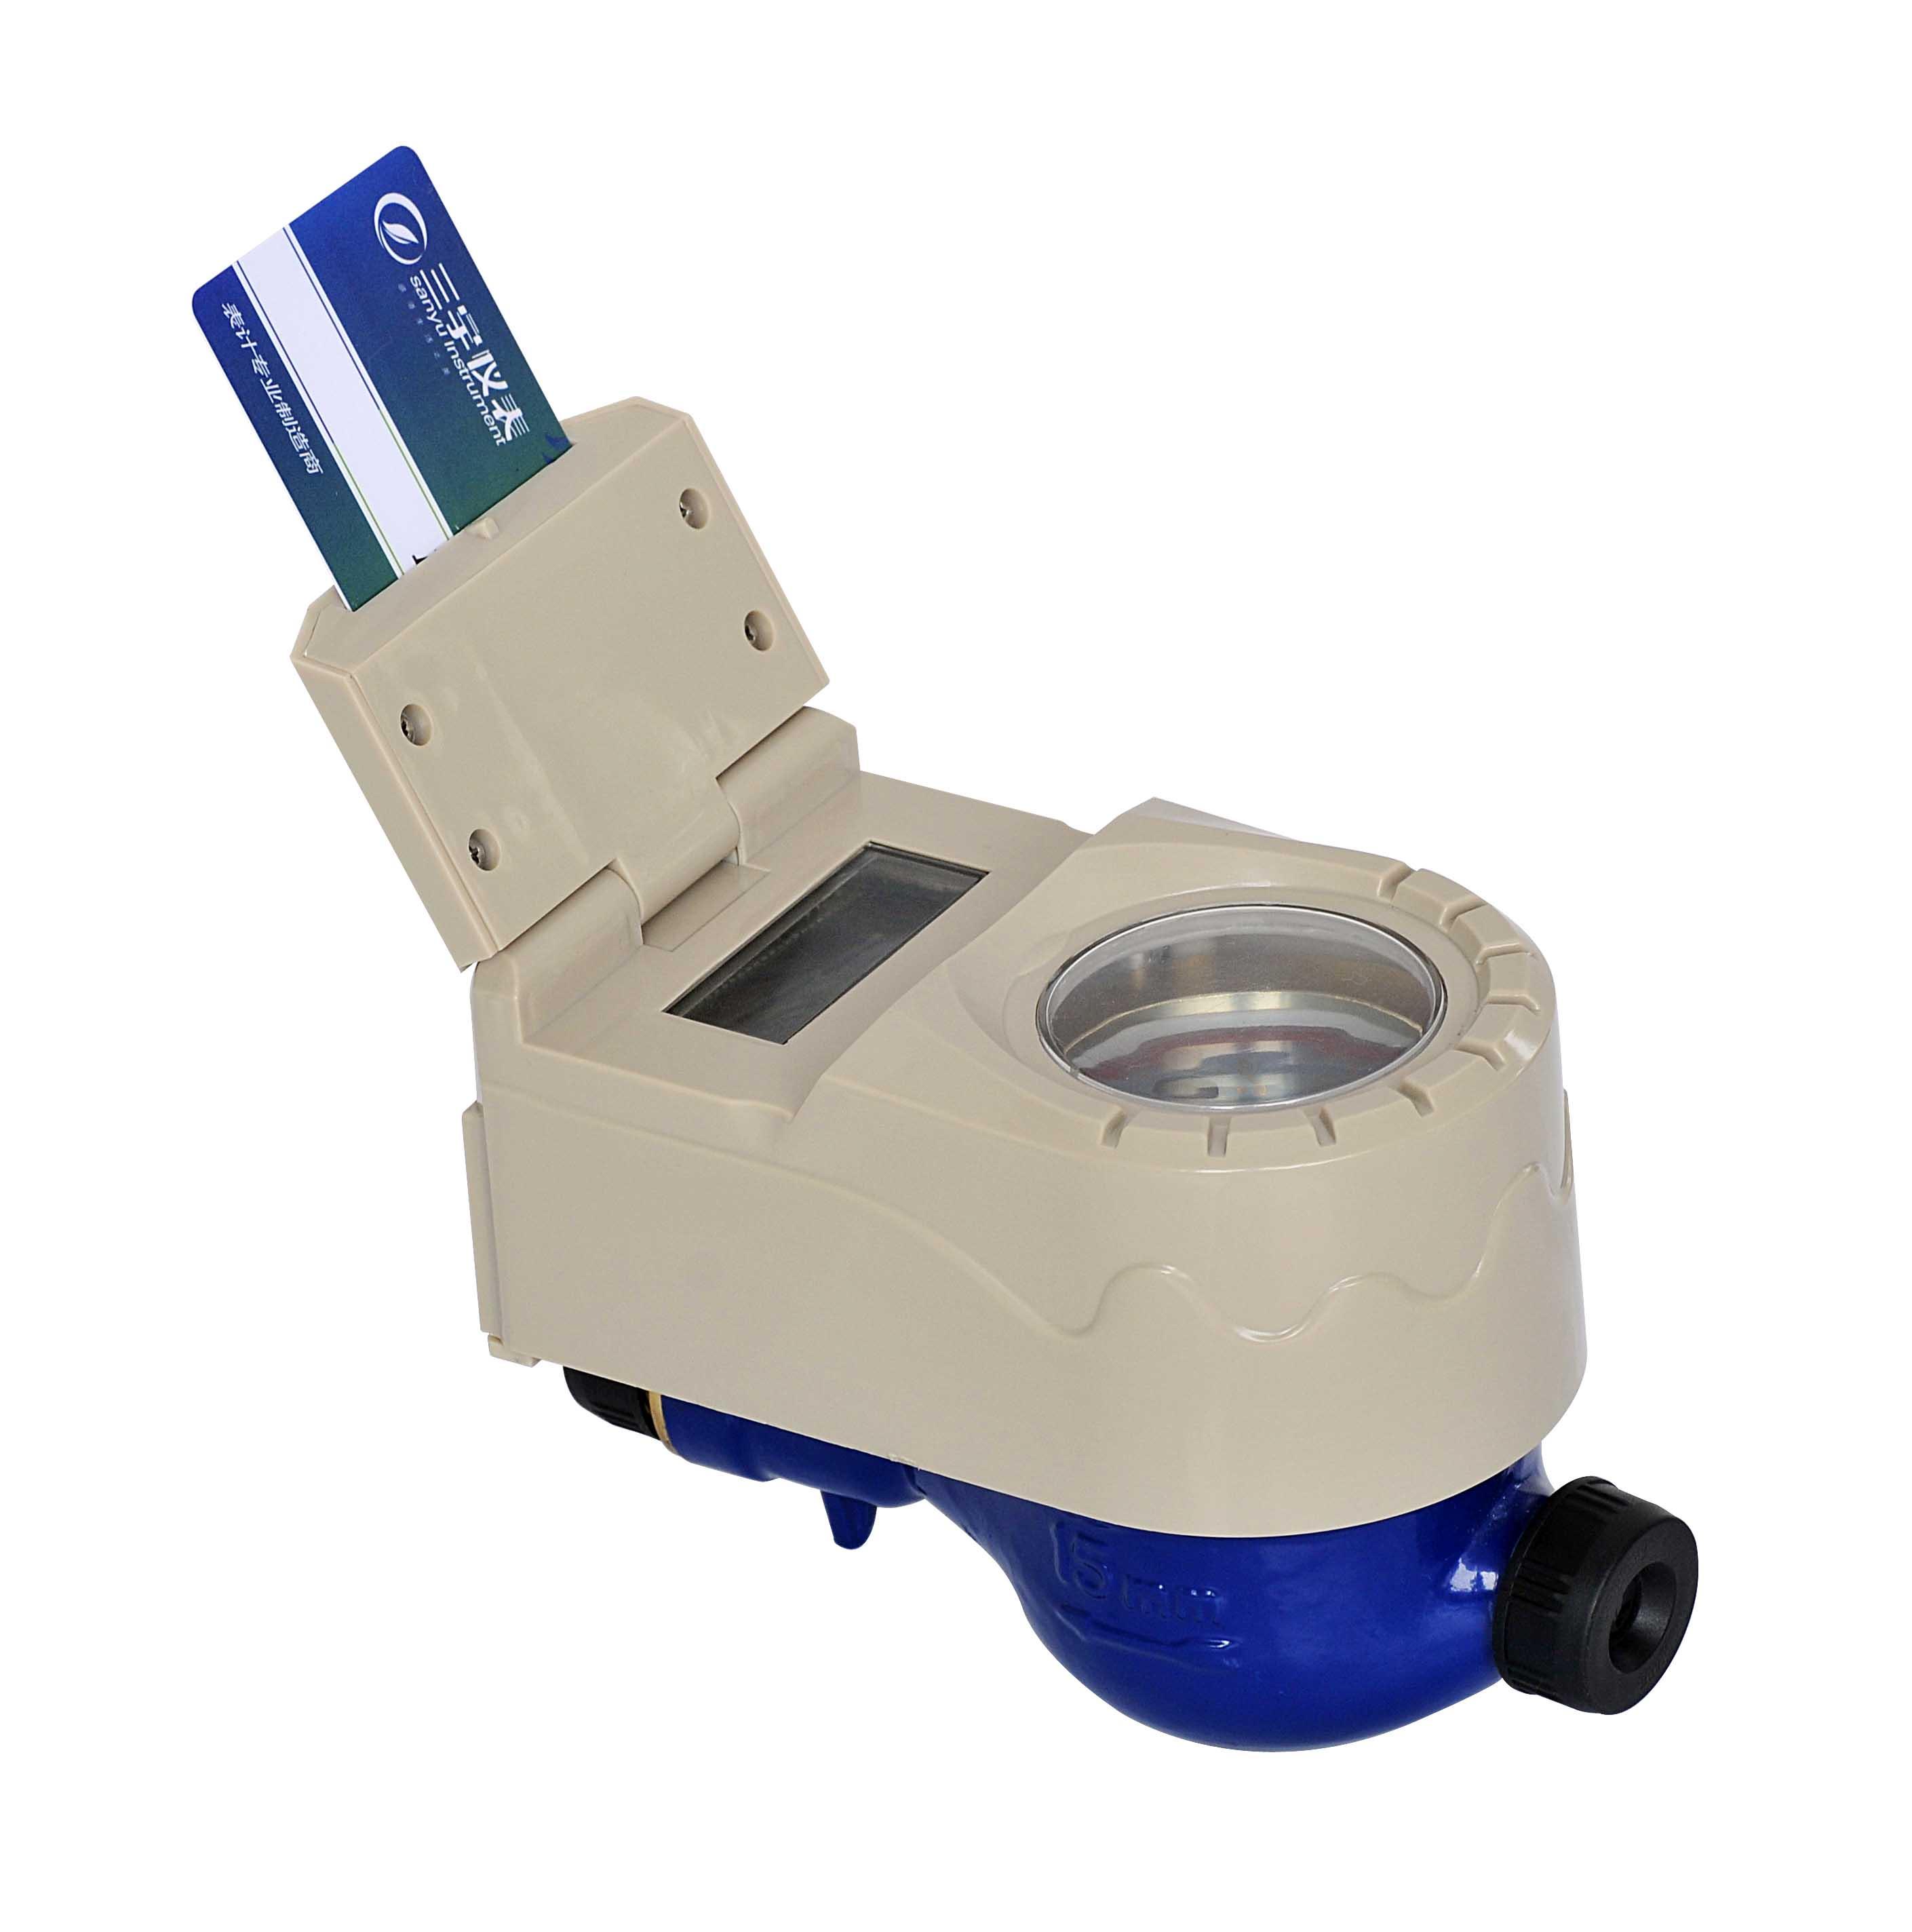 防水IC卡智能水表的特点